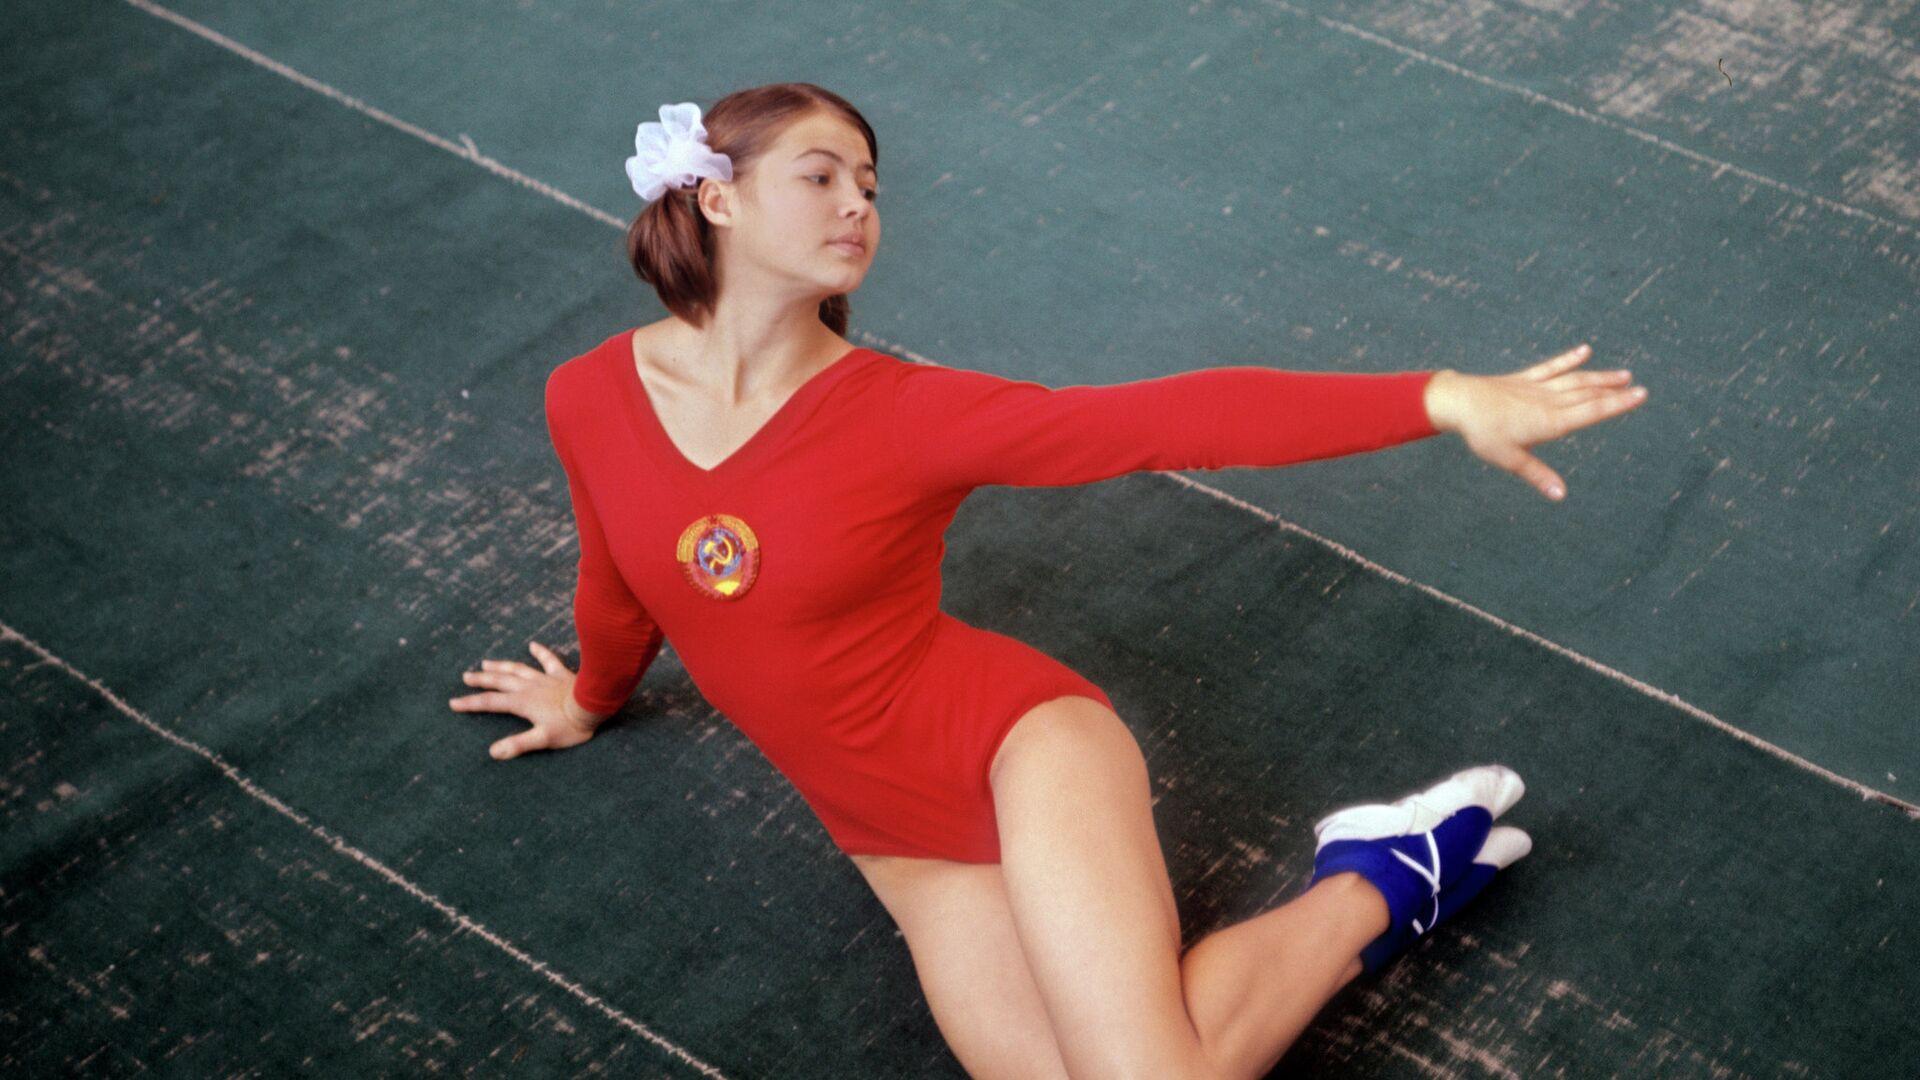 Чемпионка Олимпийских игр 1968 года по спортивной гимнастике, заслуженный мастер спорта СССР Людмила Турищева - РИА Новости, 1920, 30.07.2021